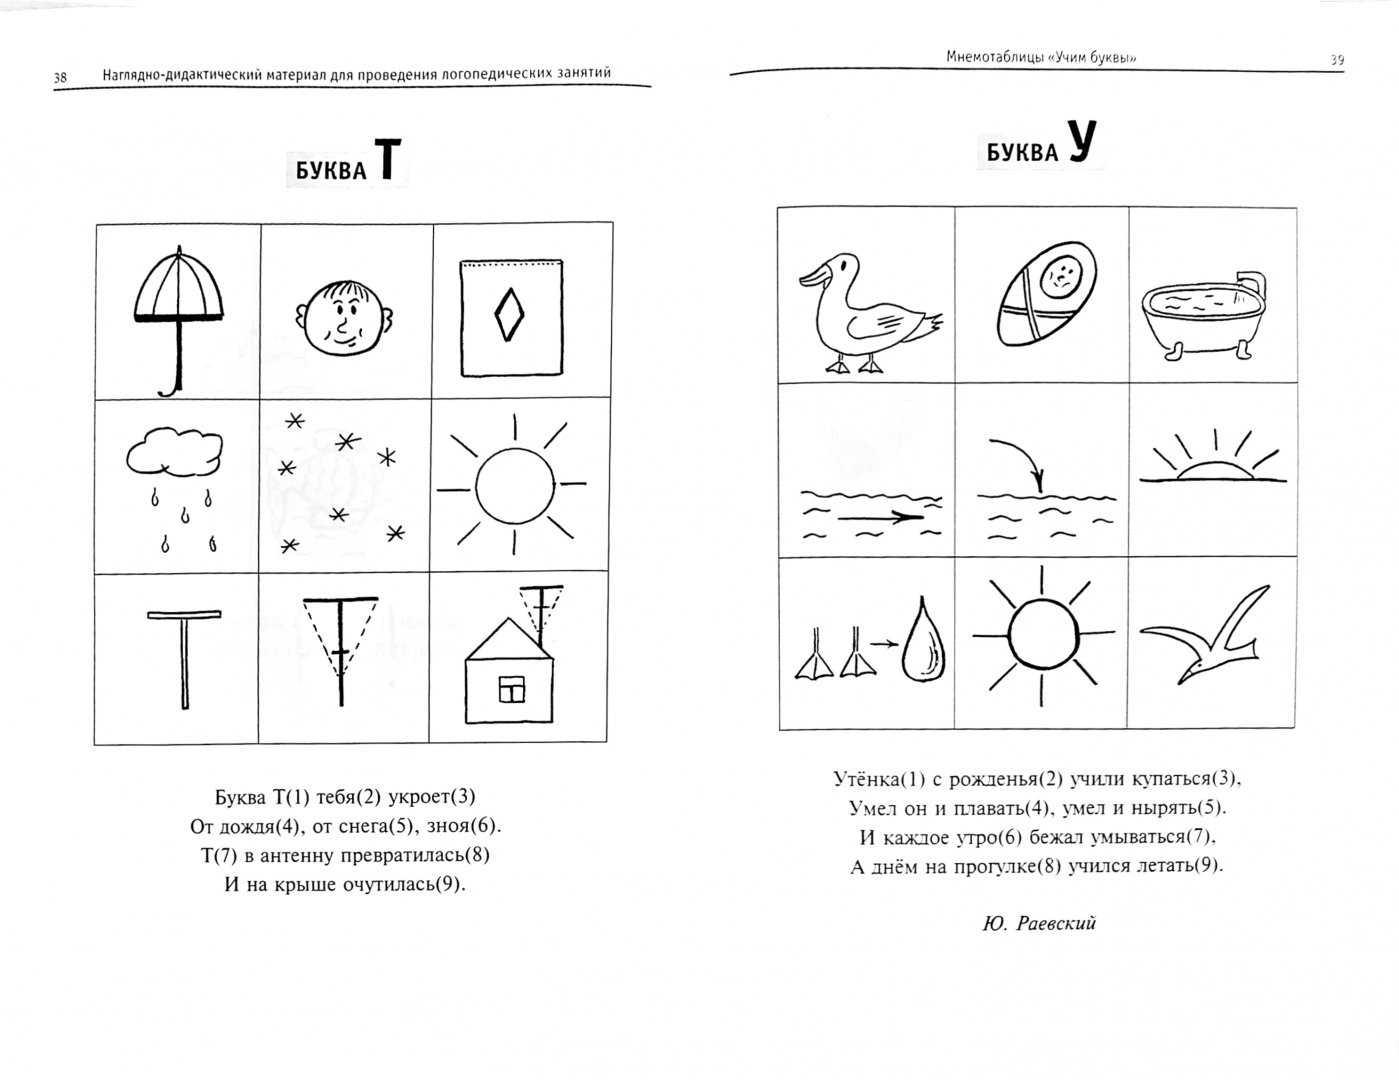 Что такое мнемотехника для школьников и как она используется для детей школьного возраста? особенности для учеников 1-4 классов